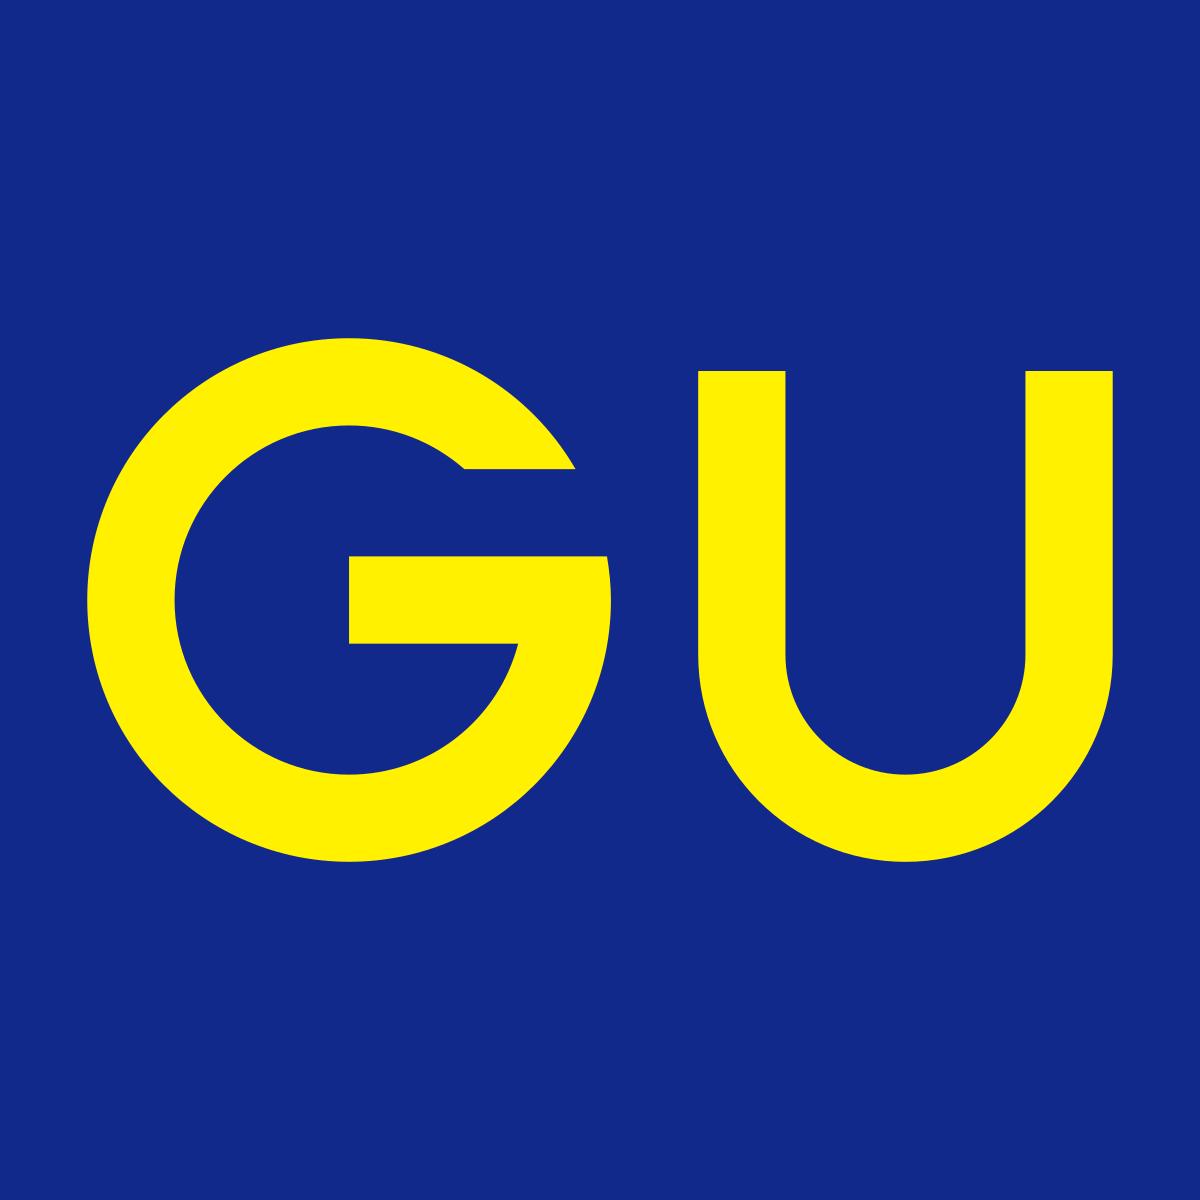 GU意外と落ちます。28歳男がGUのバイト面接を受けて分かった「落ちない為の作戦」